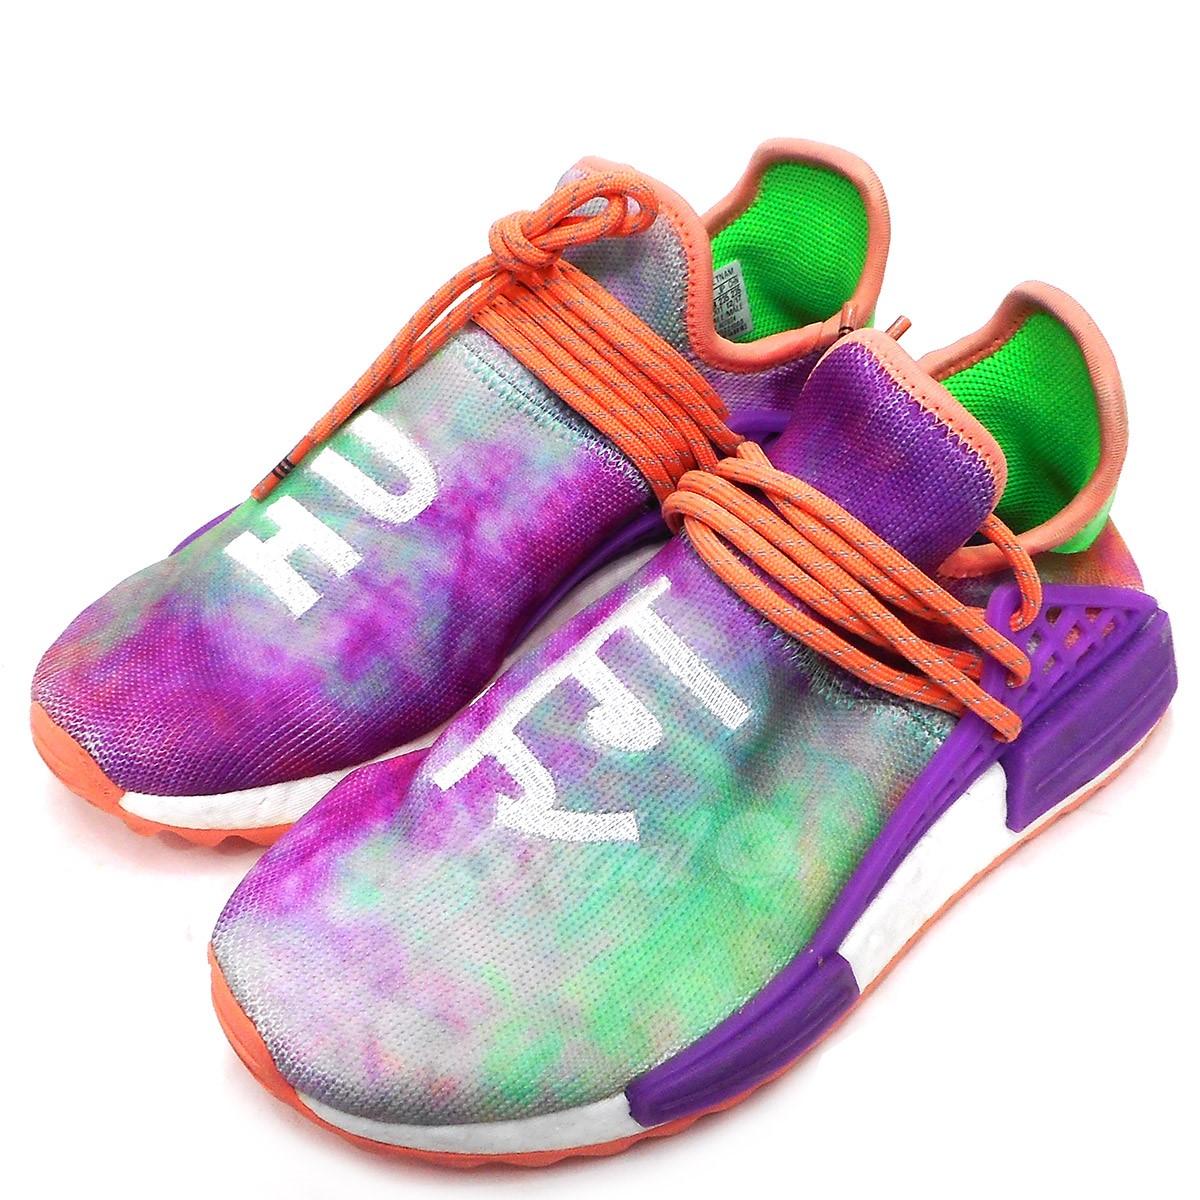 【中古】adidas originals PW HU HOLI NMD MC トレイルホーリーヒューマンレース マルチカラー サイズ:US5.5 【送料無料】 【290319】(アディダスオリジナルス)